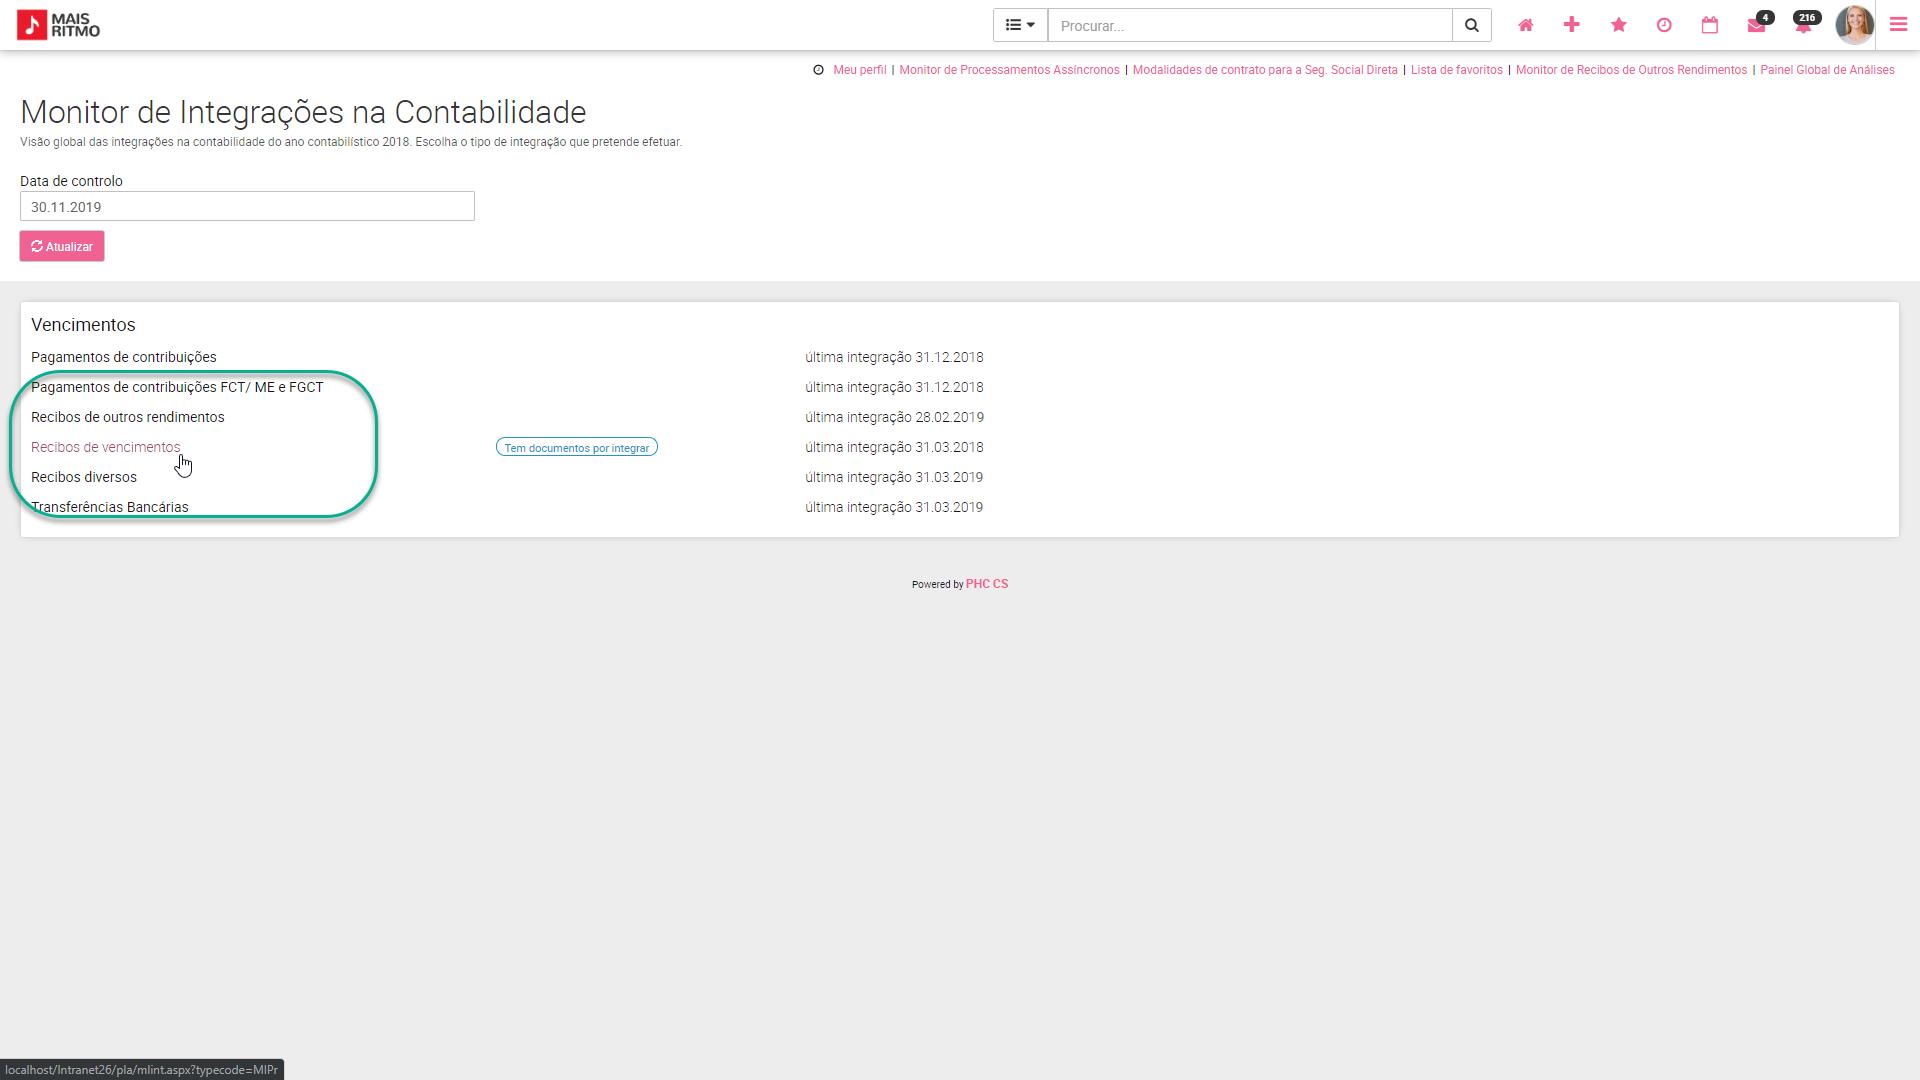 PHC CS web Monitor de Integrações na Contabilidade